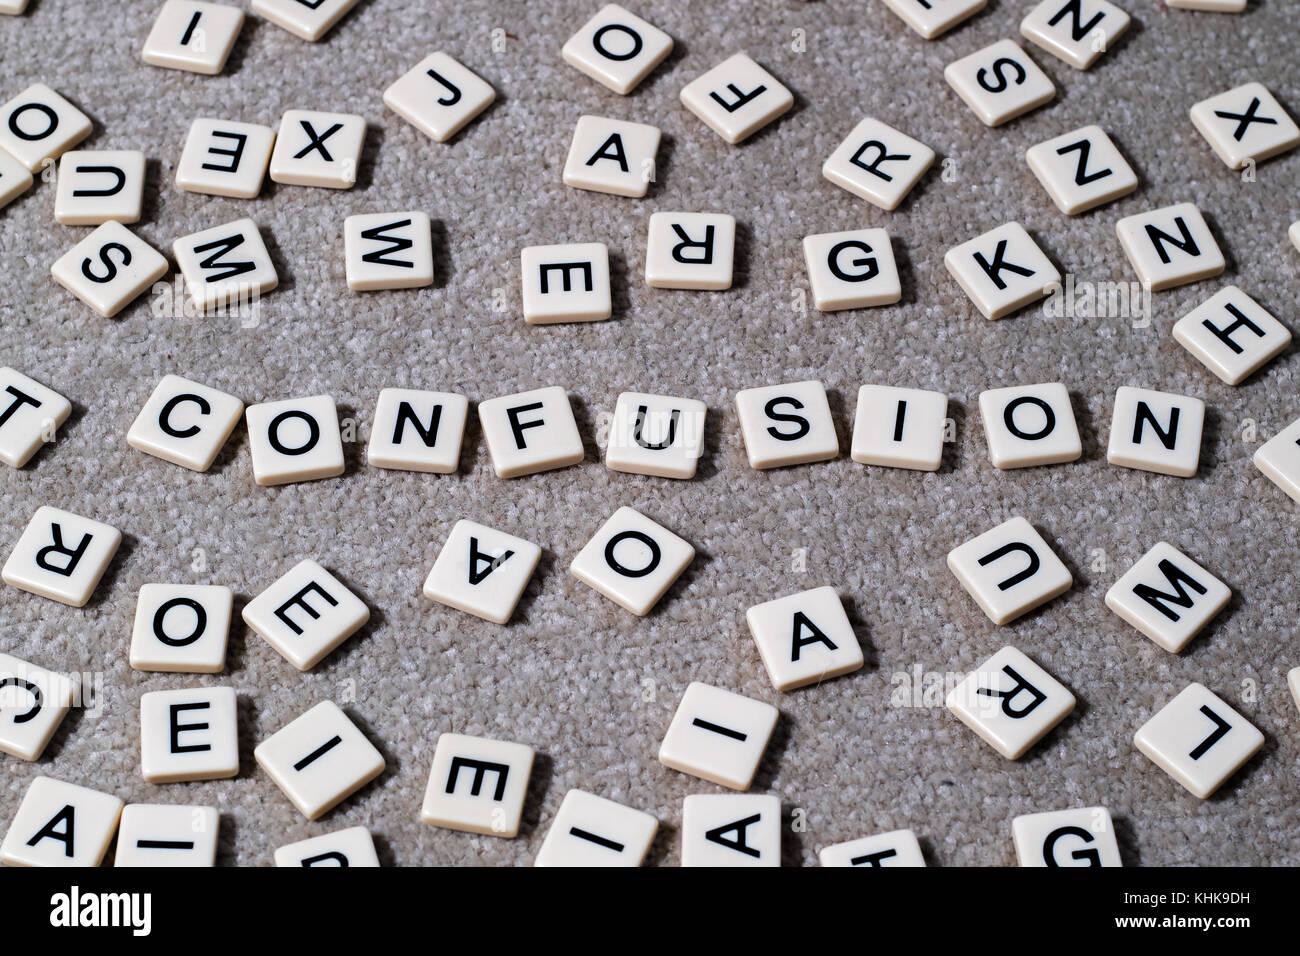 La confusion en toutes lettres sur les tuiles de SCRABBLE lettres style parmi un fatras d'autres lettres. Photo Stock